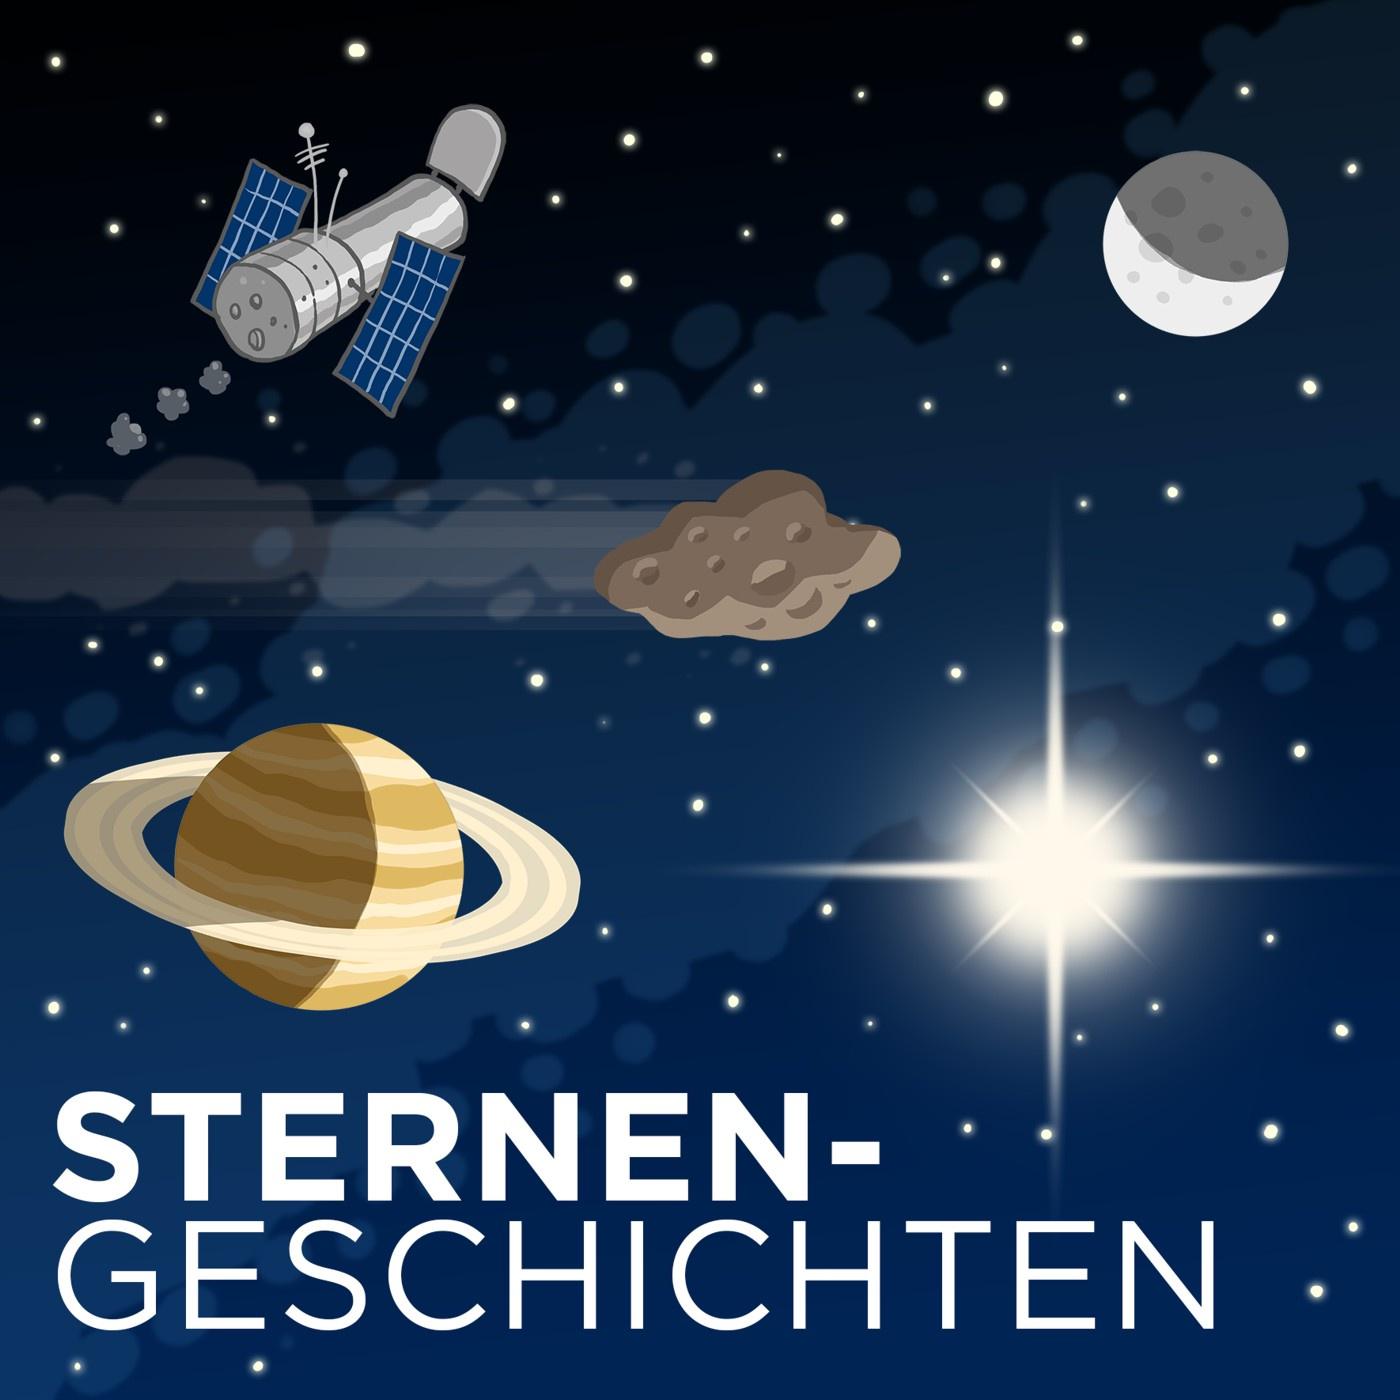 Sternengeschichten Folge 431: Begegnungen zwischen der Sonne und anderen Sternen